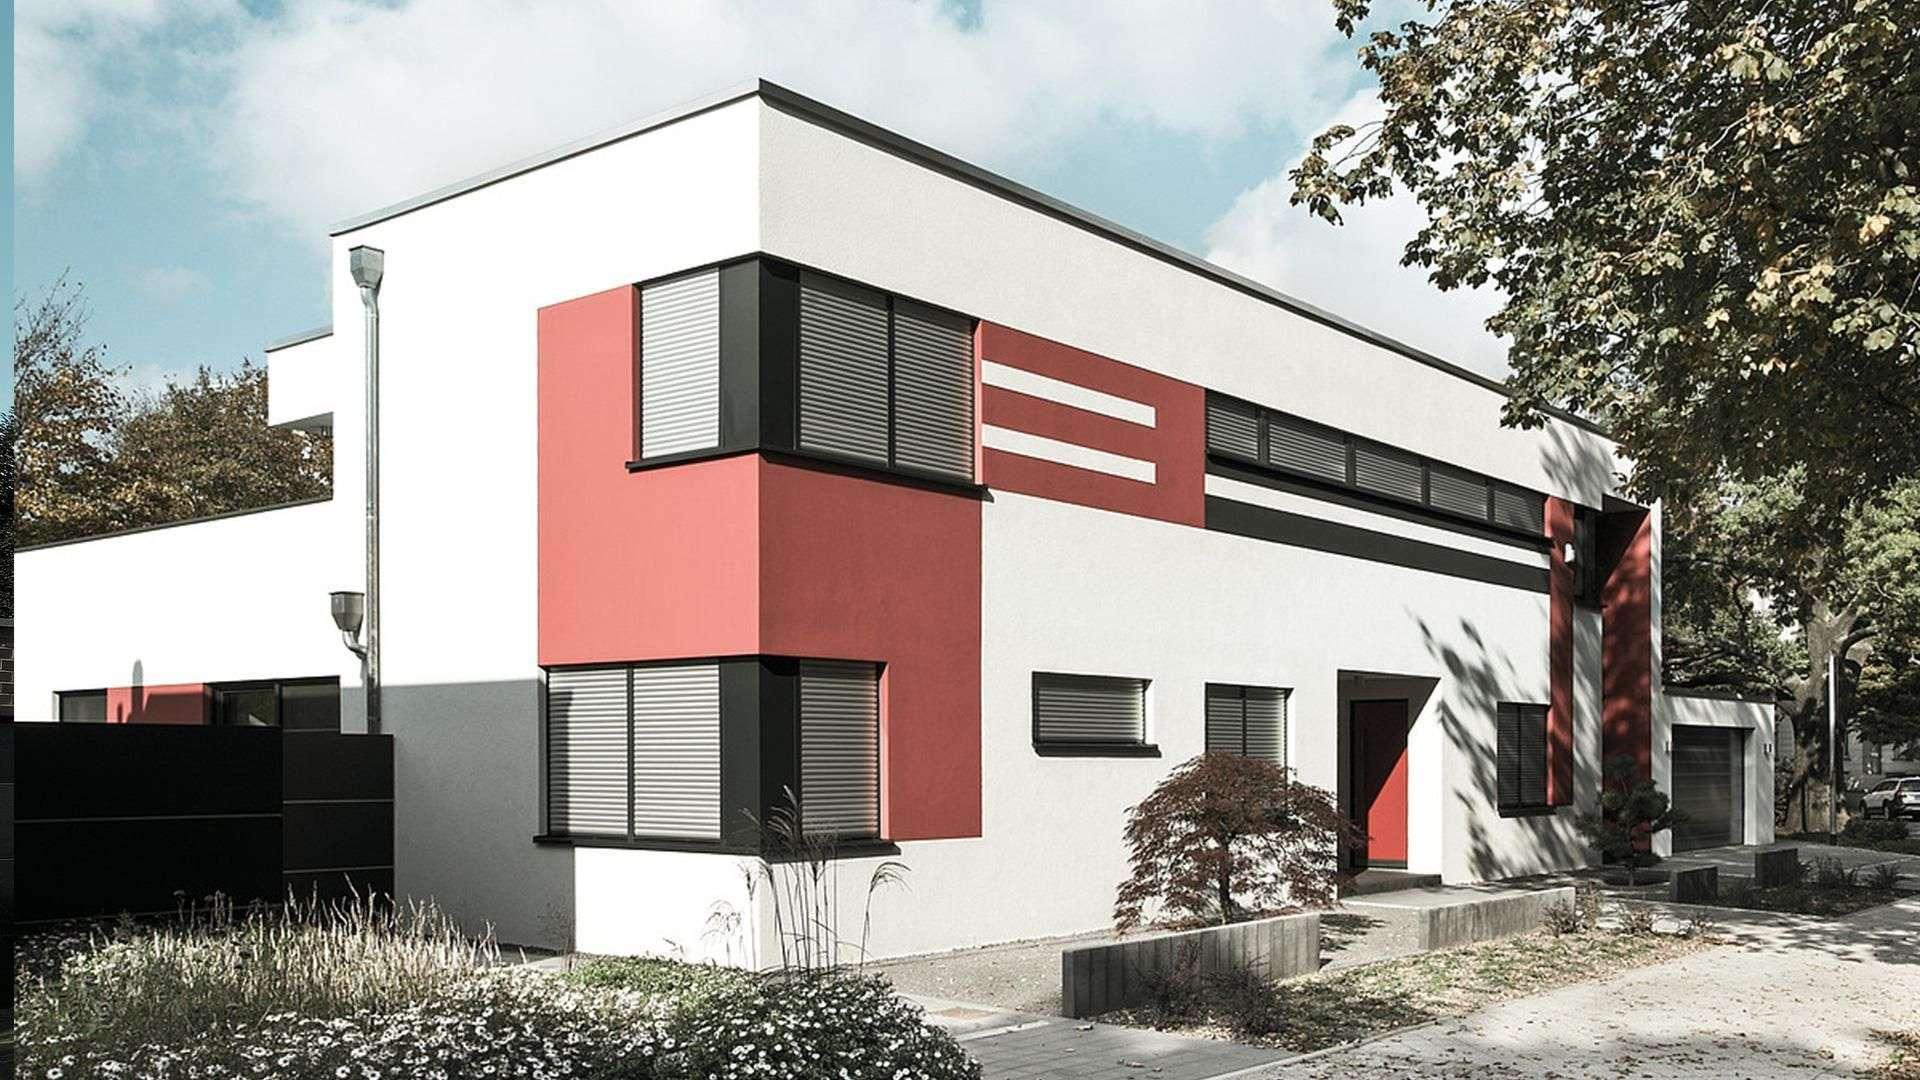 rot-weißes Wohnhaus mit großen Fenster mit Rollläden